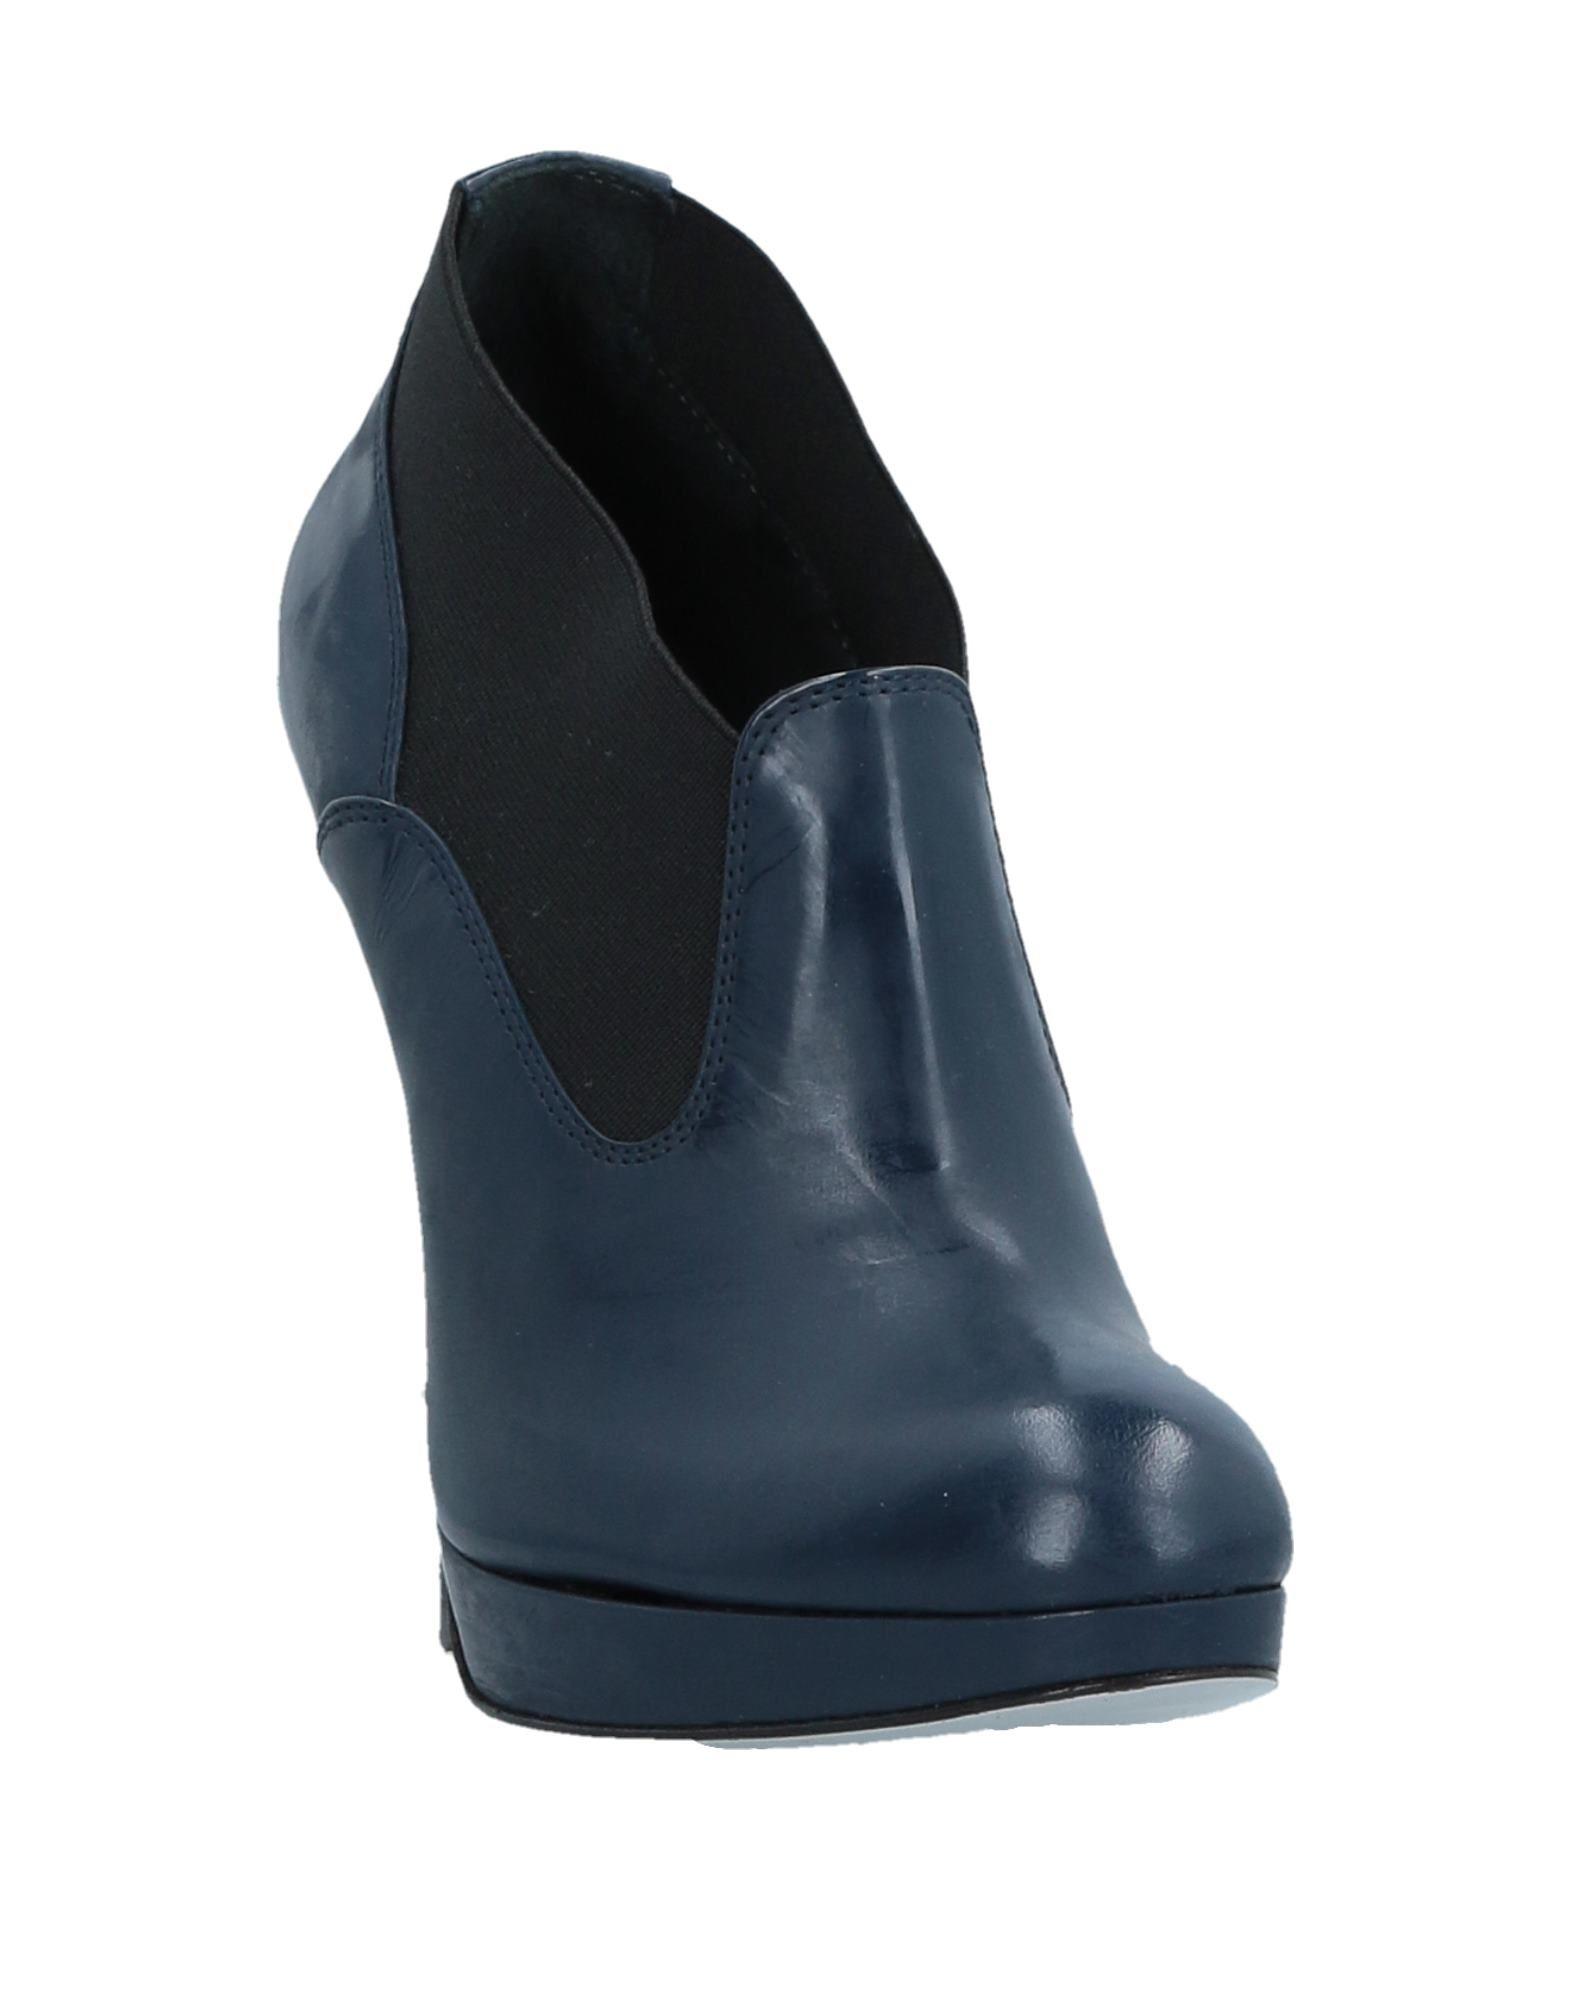 Stilvolle Stiefelette billige Schuhe Rodolphe Menudier Stiefelette Stilvolle Damen  11516866EB 95b188